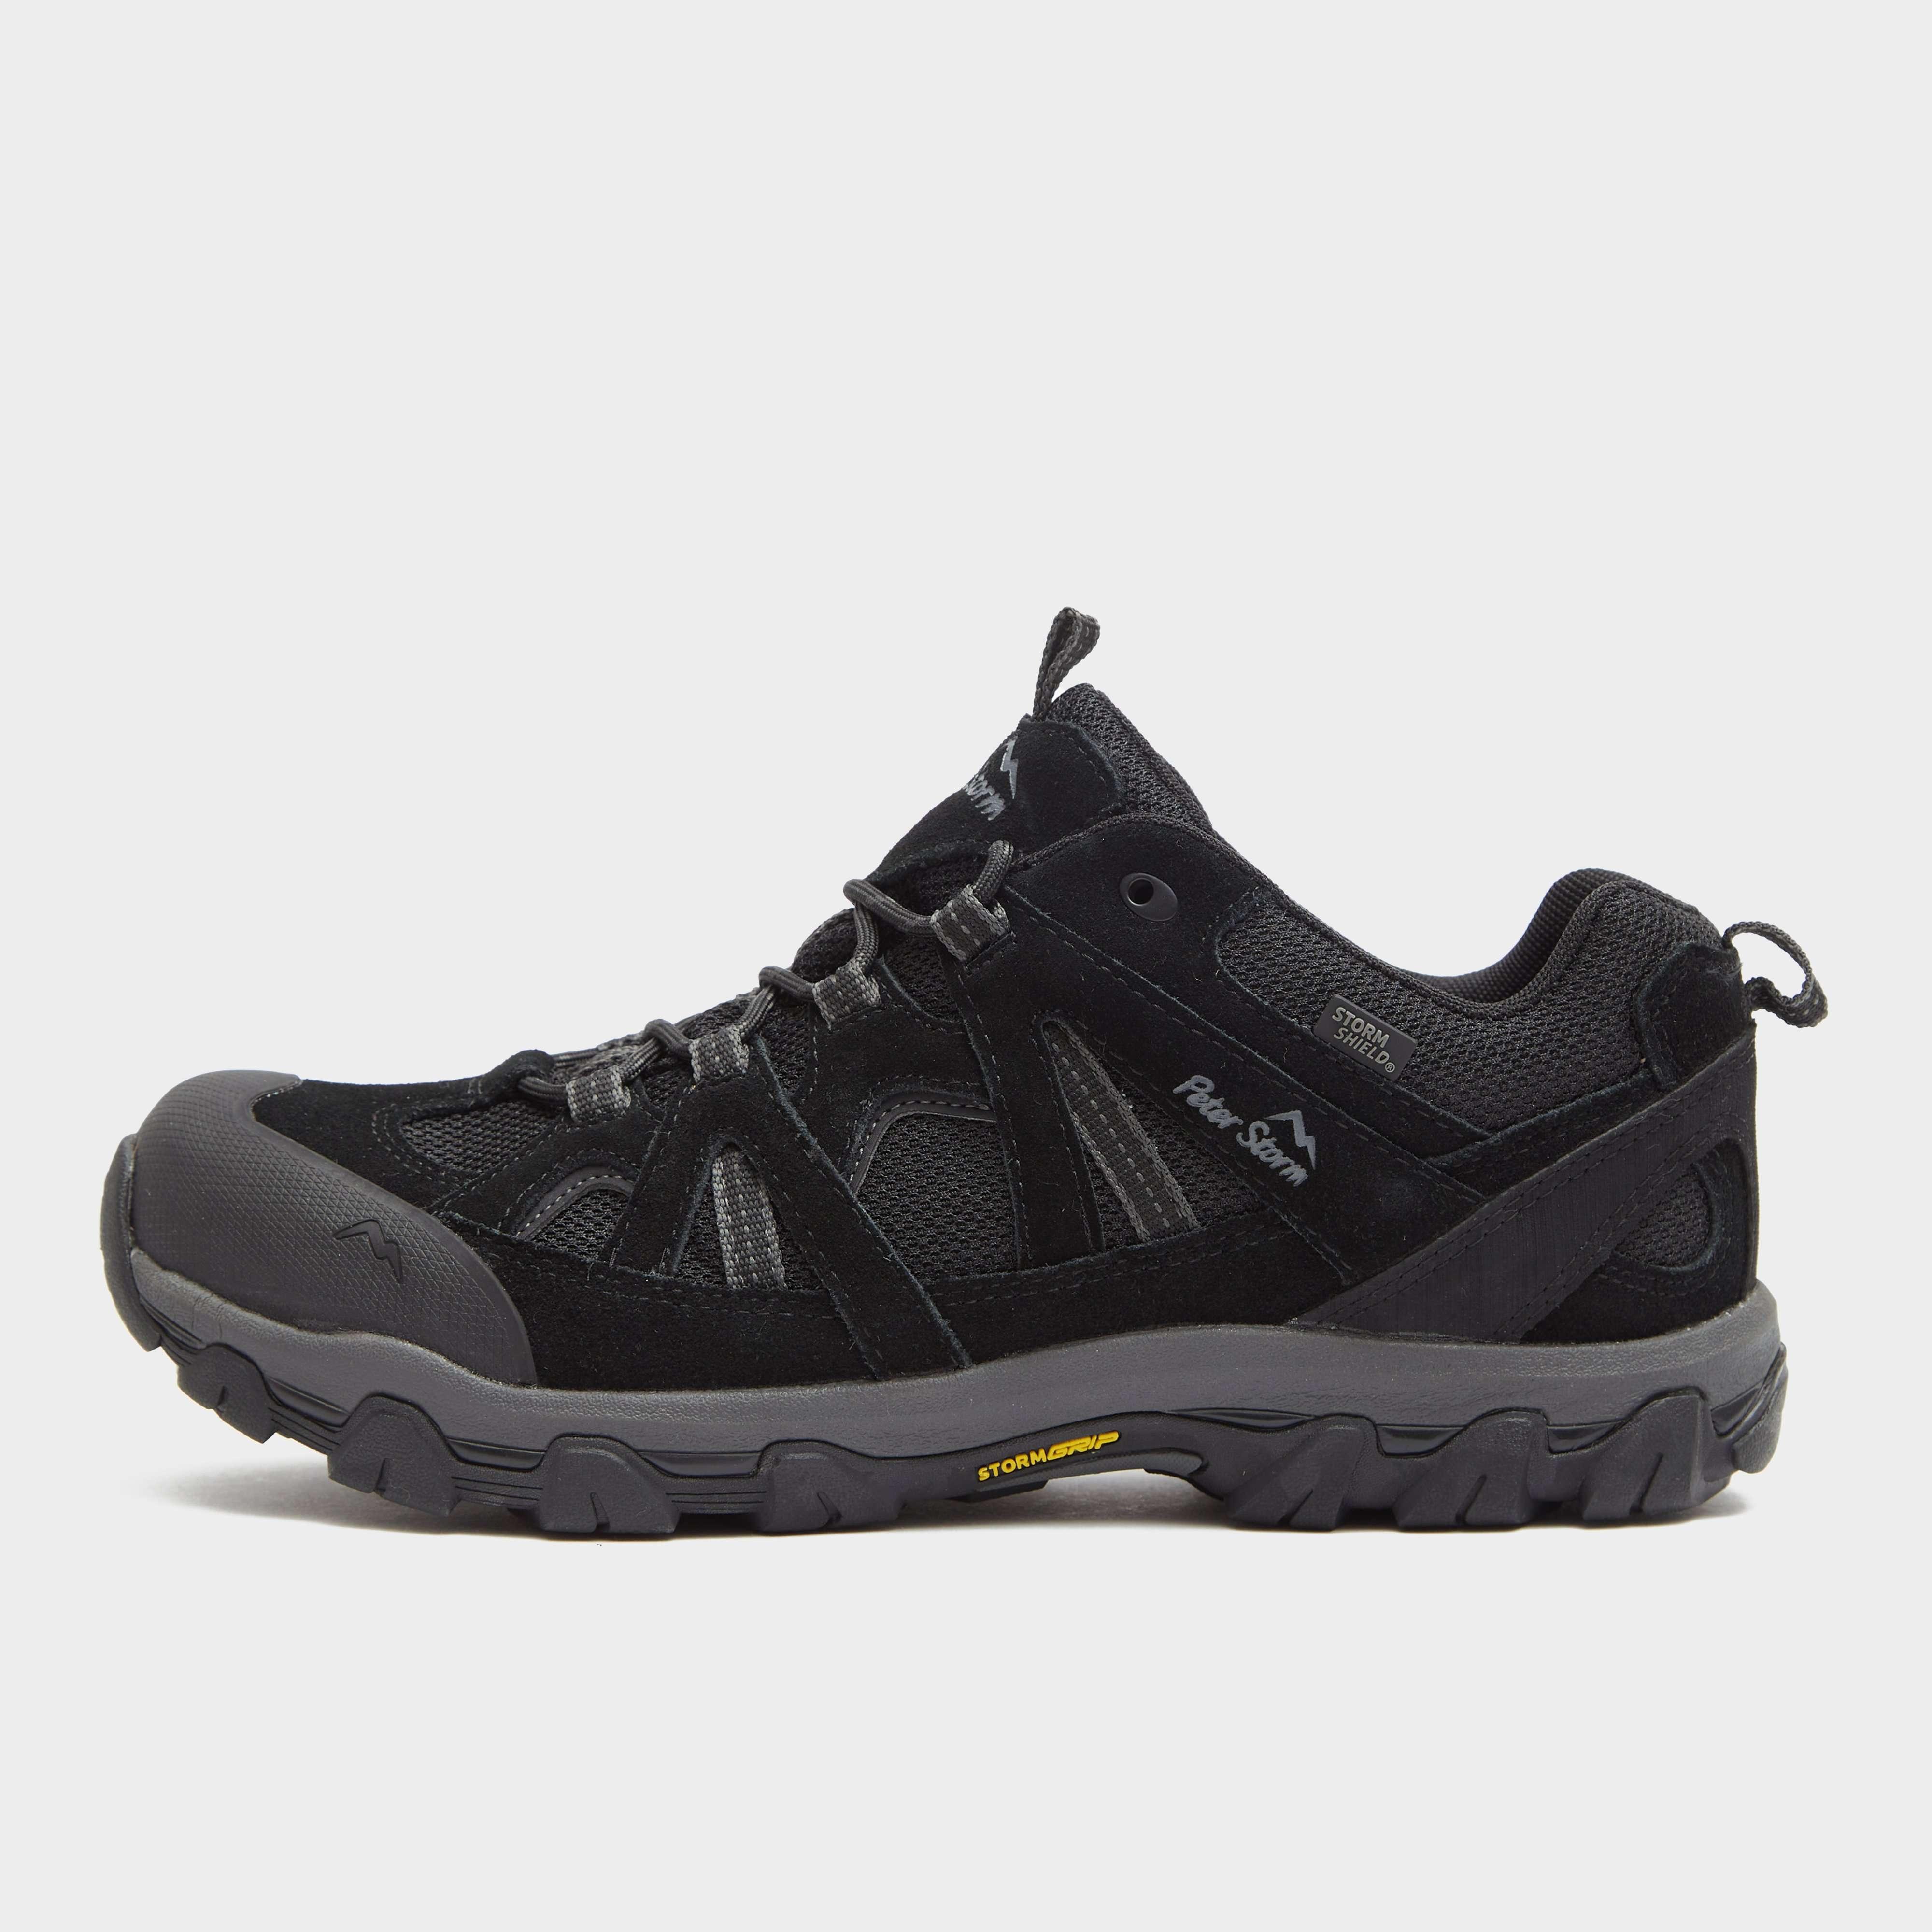 PETER STORM Men's Arnside Walking Shoe